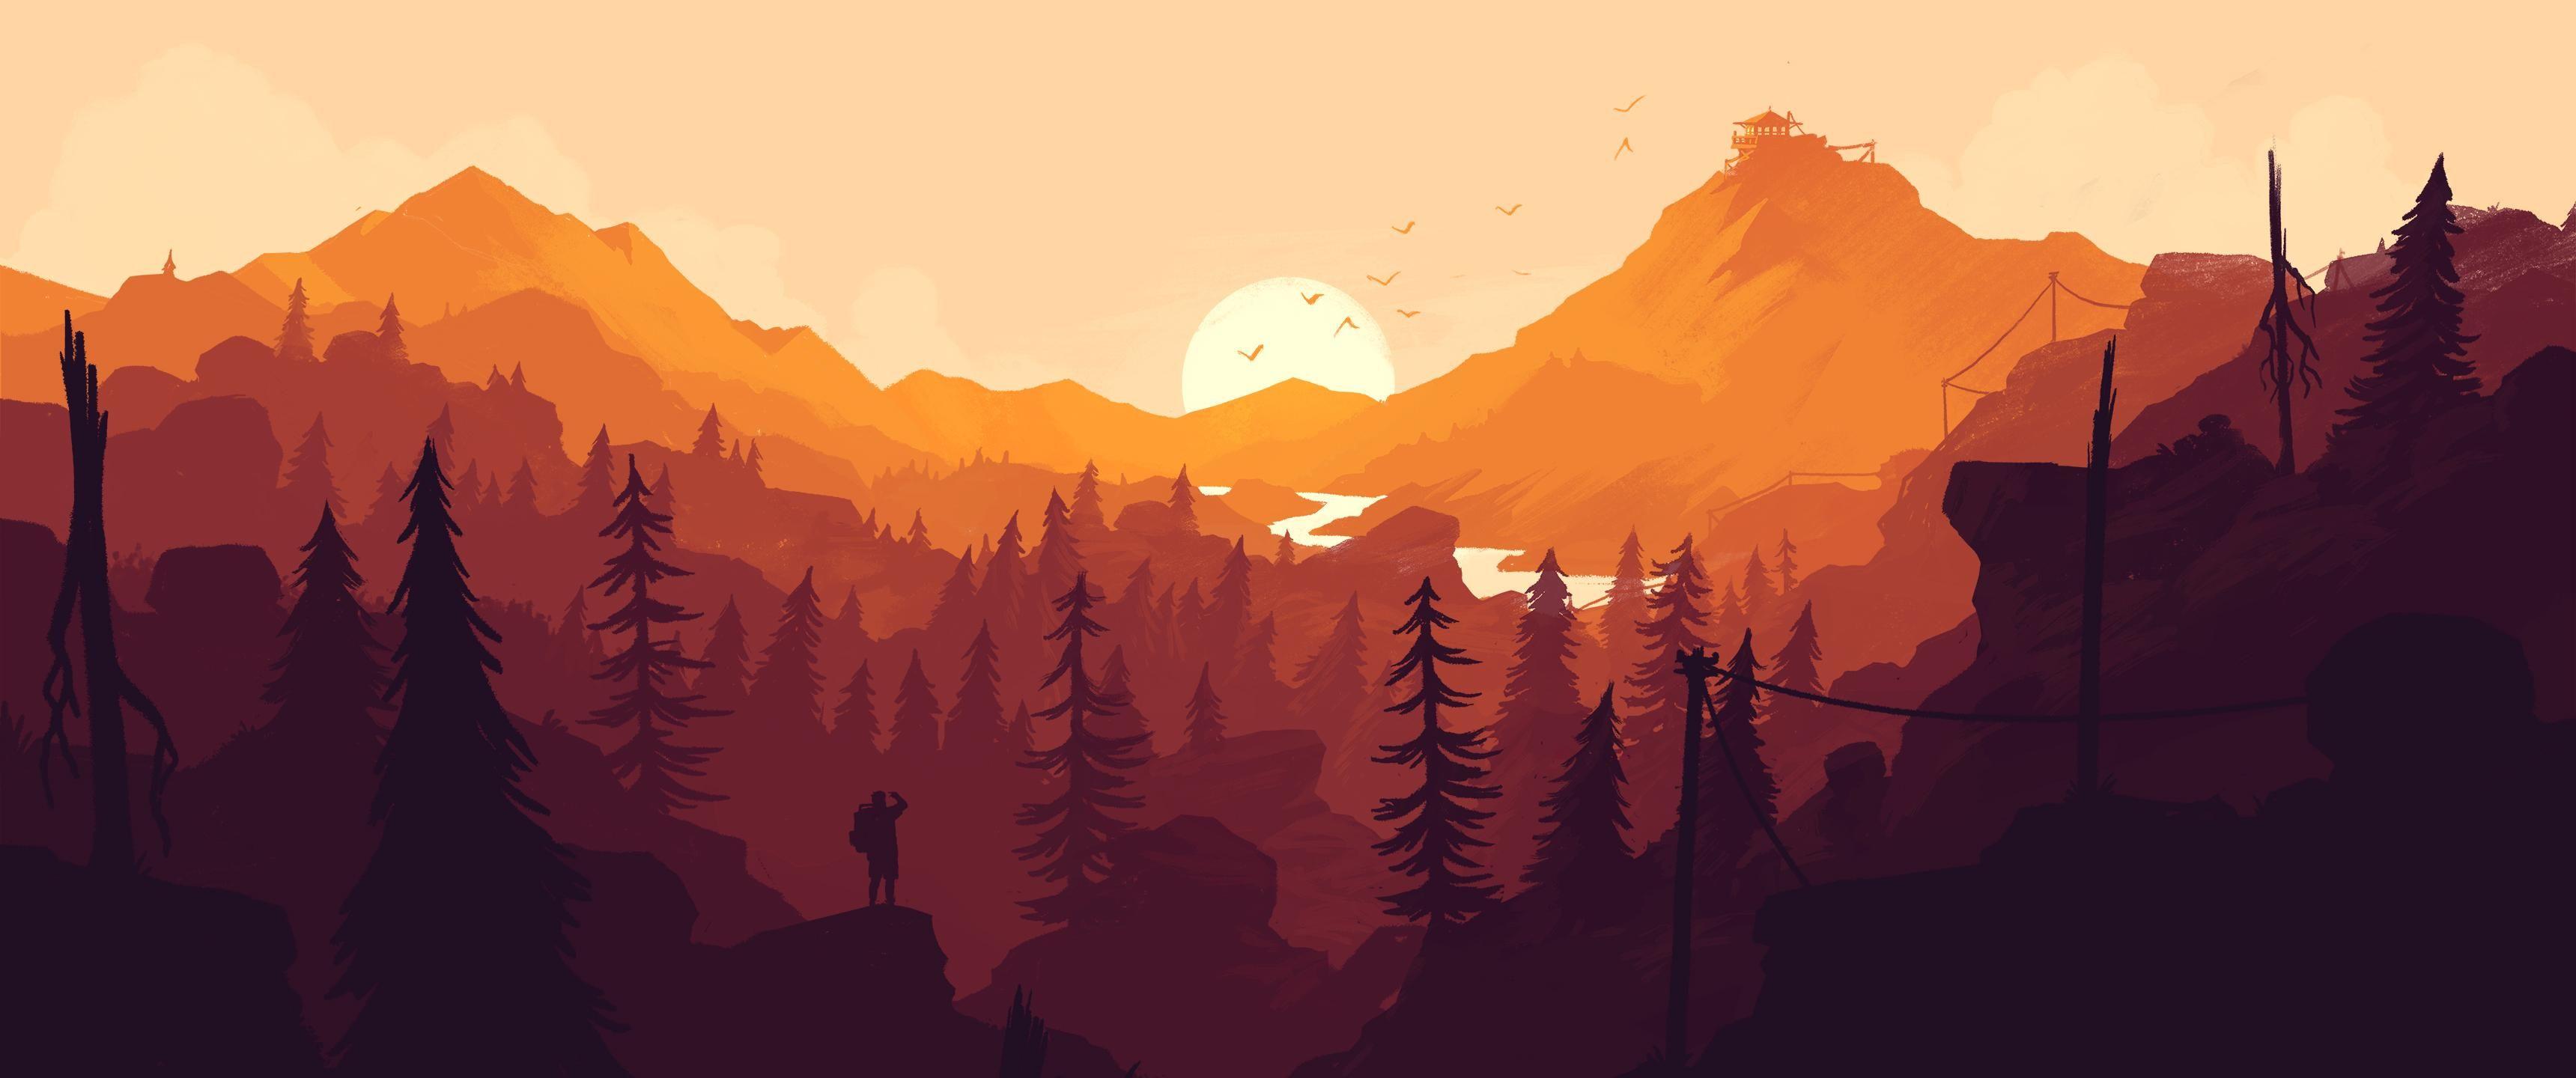 Yet Another Firewatch Wallpaper Landscape wallpaper